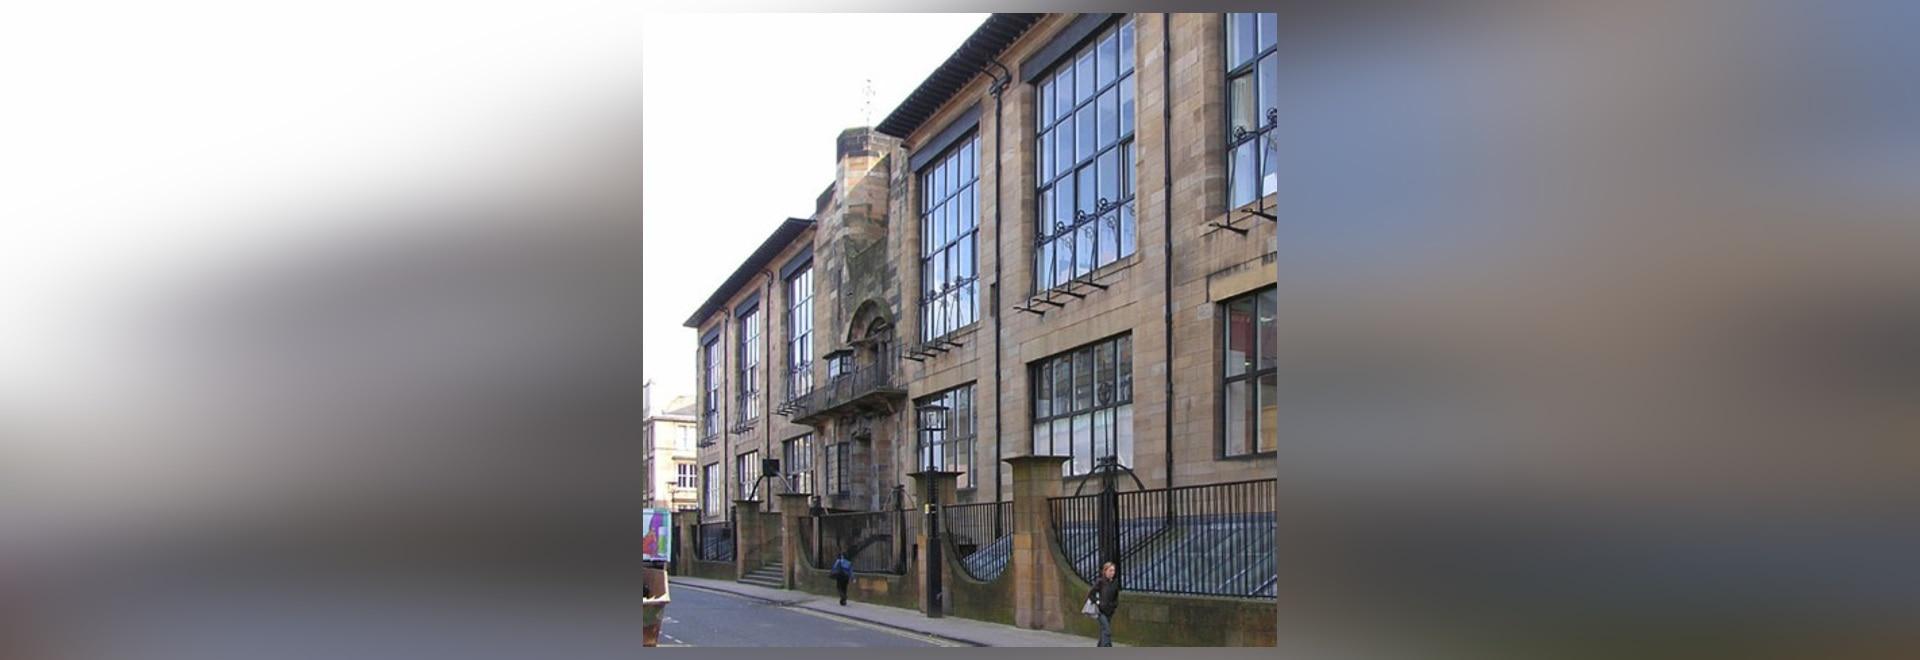 Cinq architectes ont retenu pour reconstituer l'école de Glasgow de Mackintosh de l'art